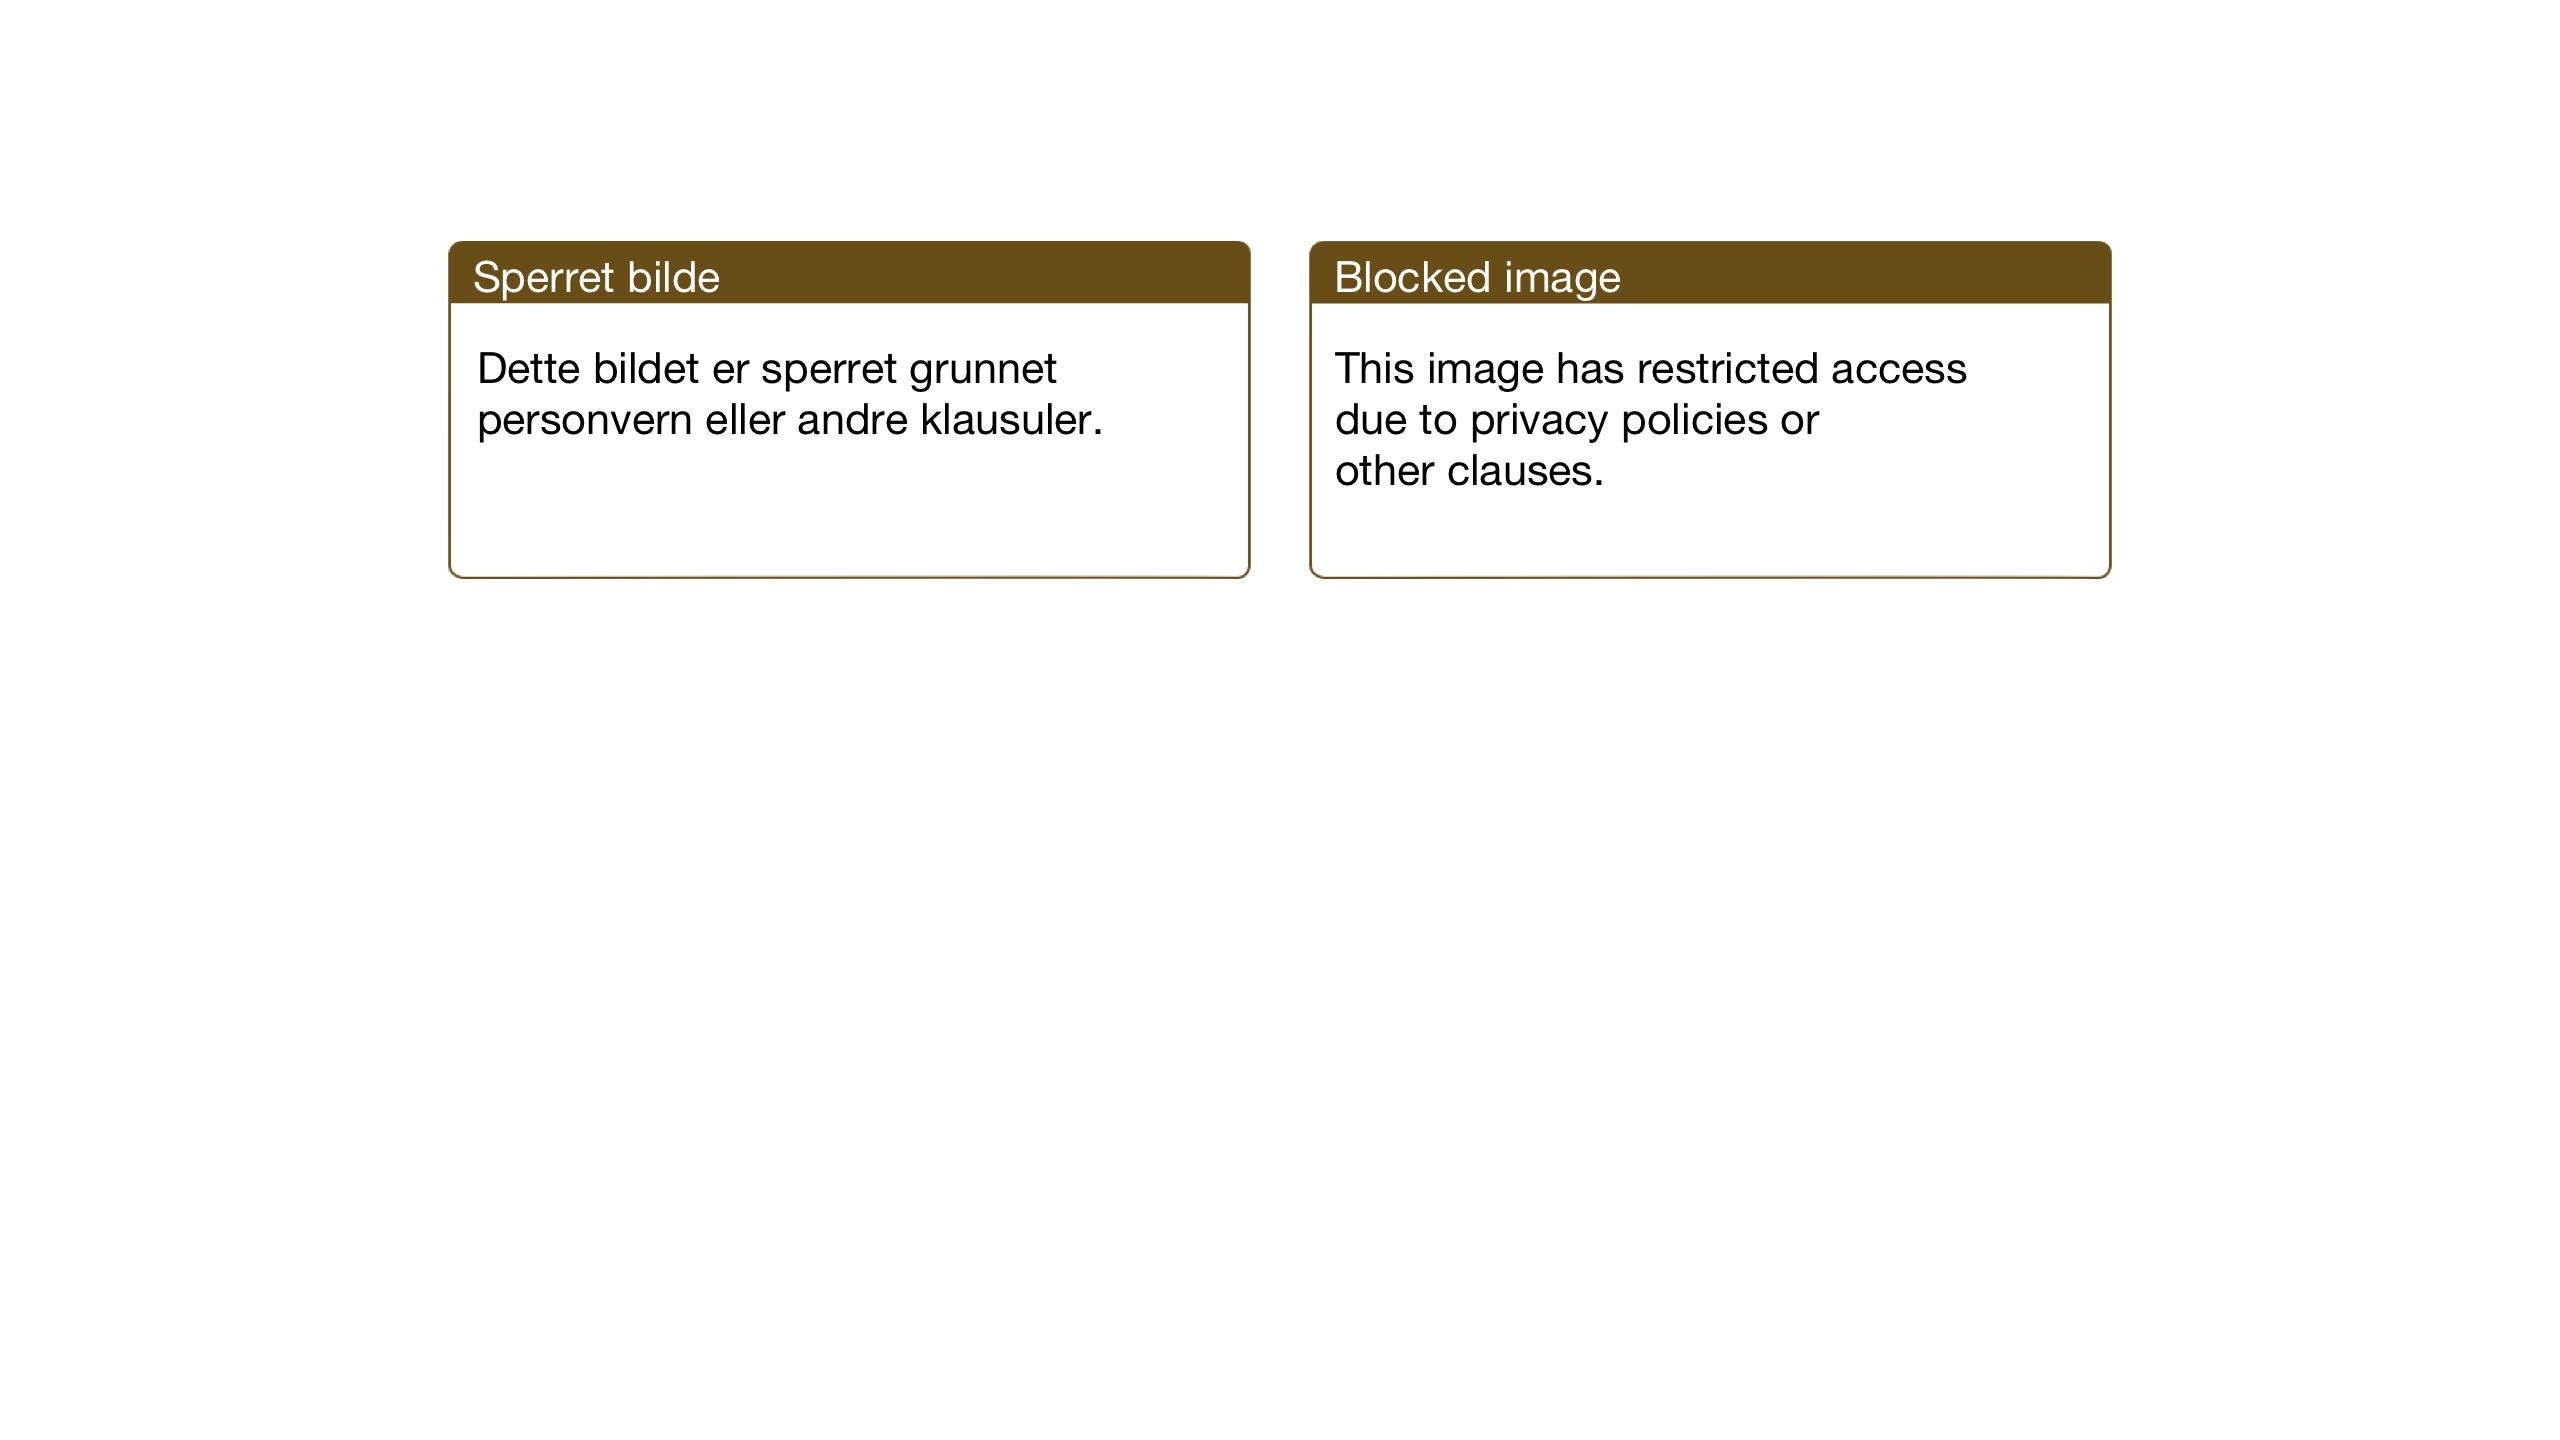 SAT, Ministerialprotokoller, klokkerbøker og fødselsregistre - Sør-Trøndelag, 681/L0944: Klokkerbok nr. 681C08, 1926-1954, s. 31